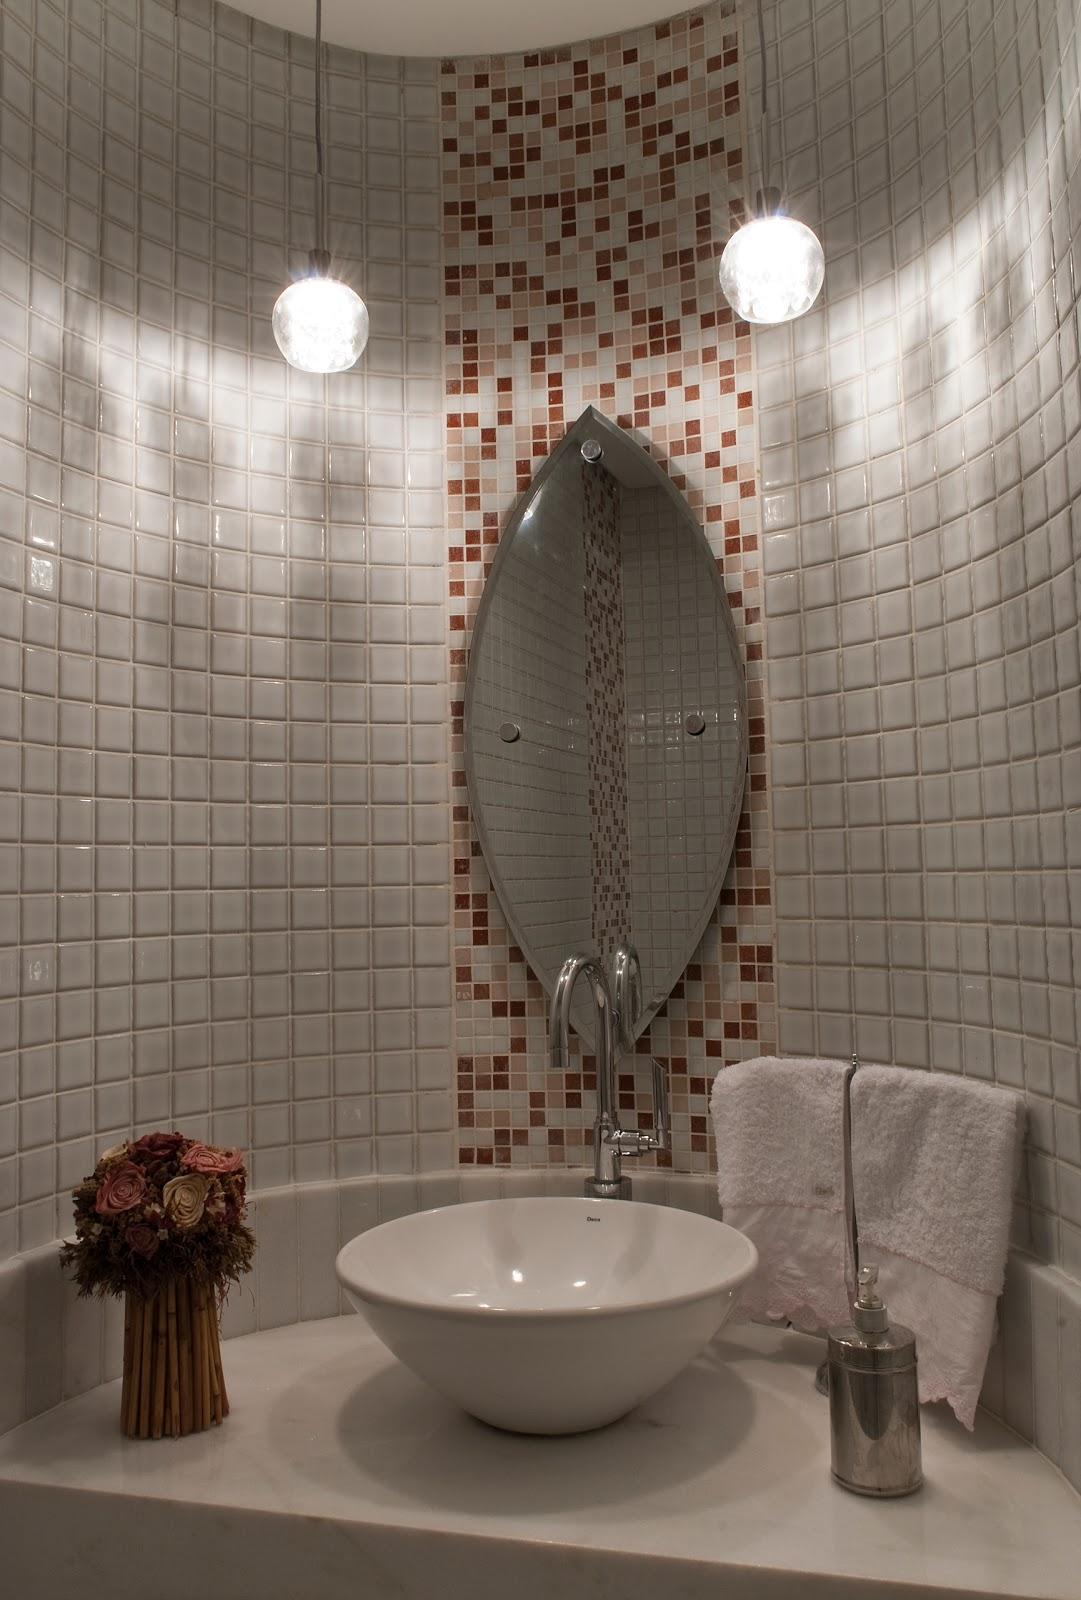 Um pequeno lavabo com pastilhas de vidro em mescla de tons rosa e  #45362C 1081 1600